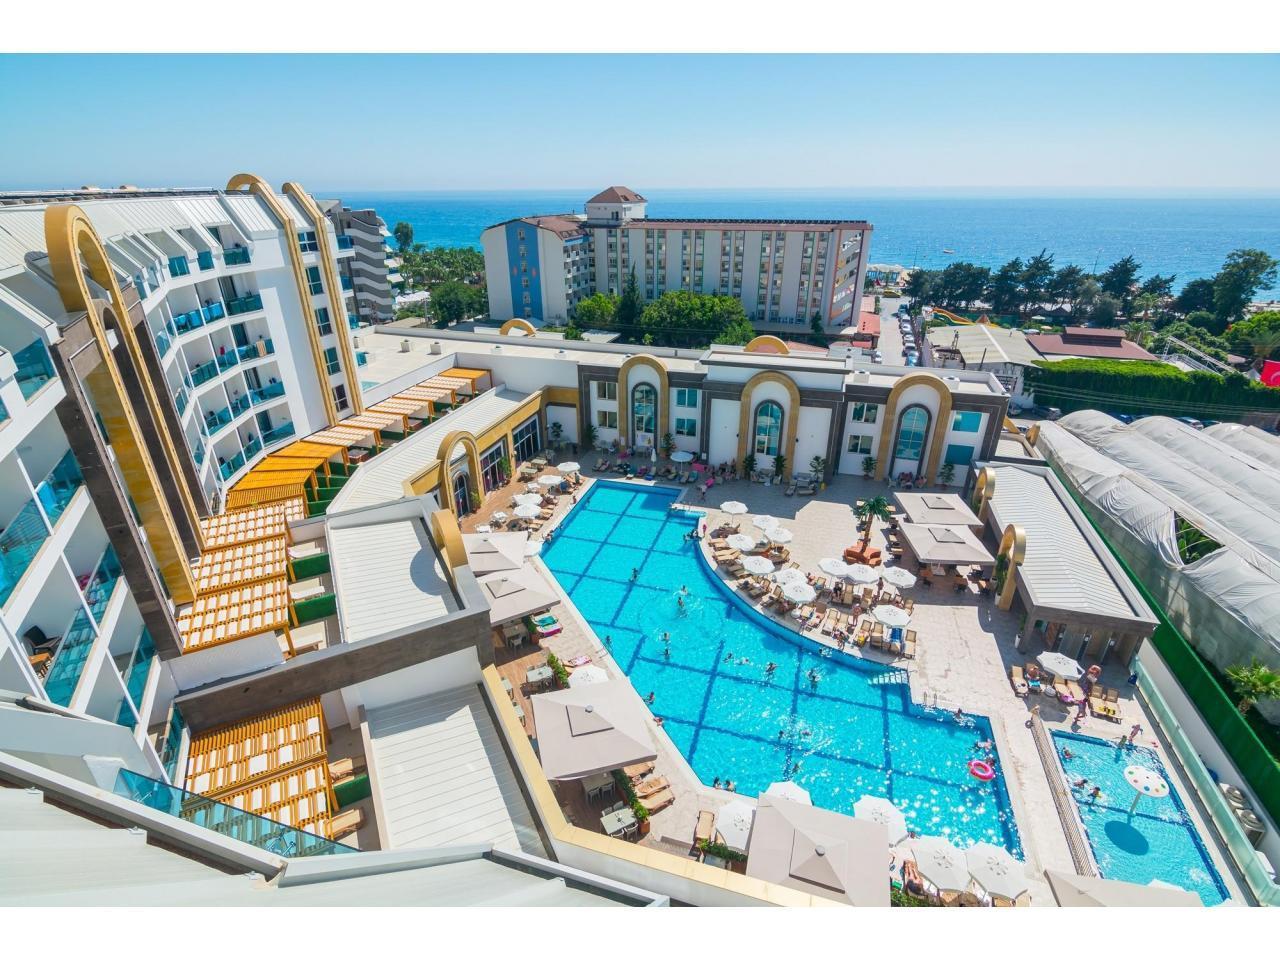 Отель 5 звезд в Турции - 2